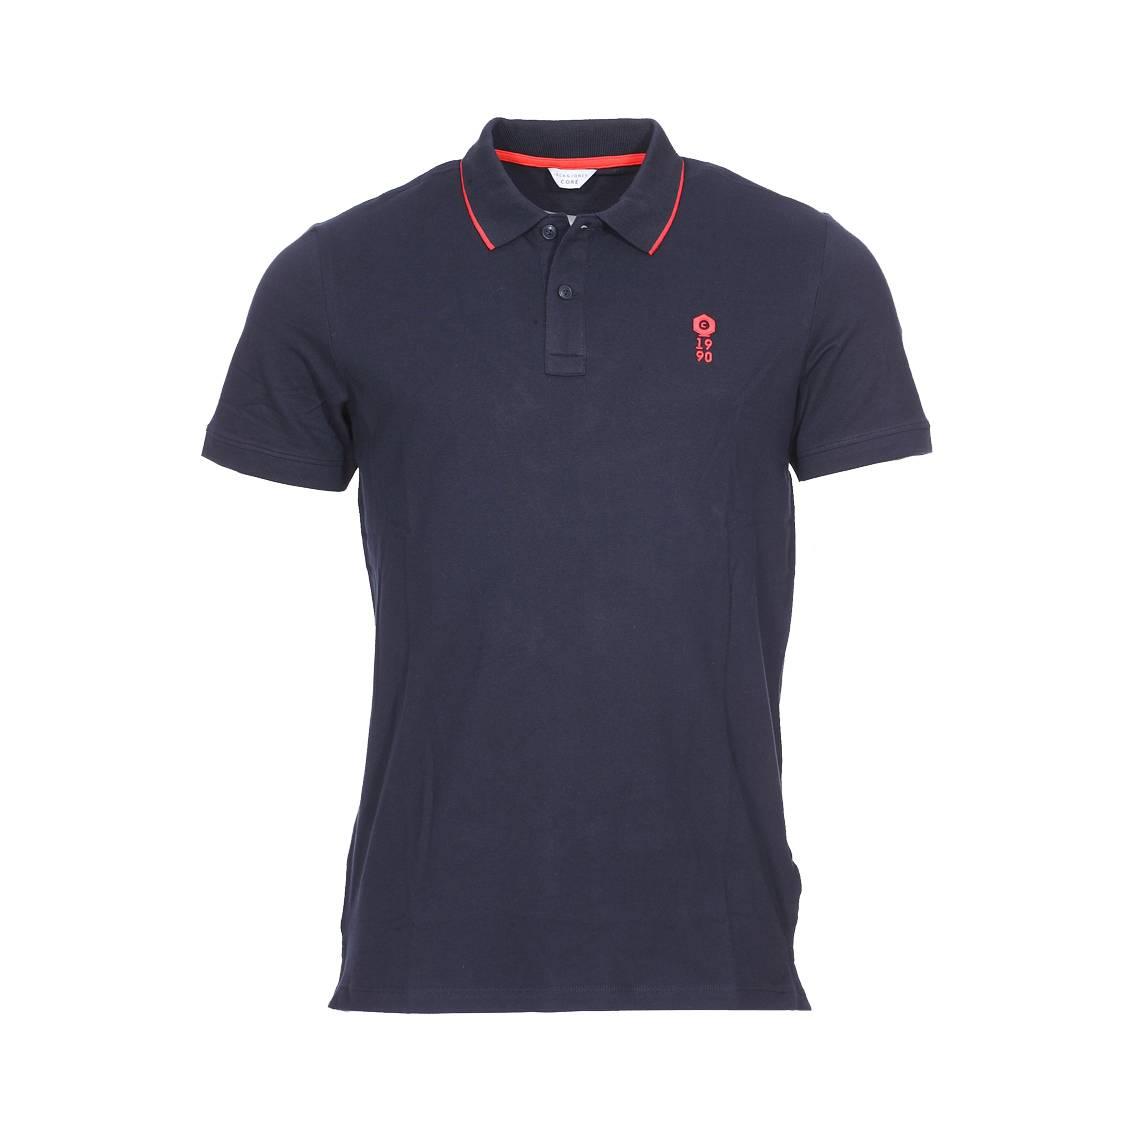 Polo Jack   Jones en coton stretch bleu marine brodé en rouge   Rue ... f5117a15022c